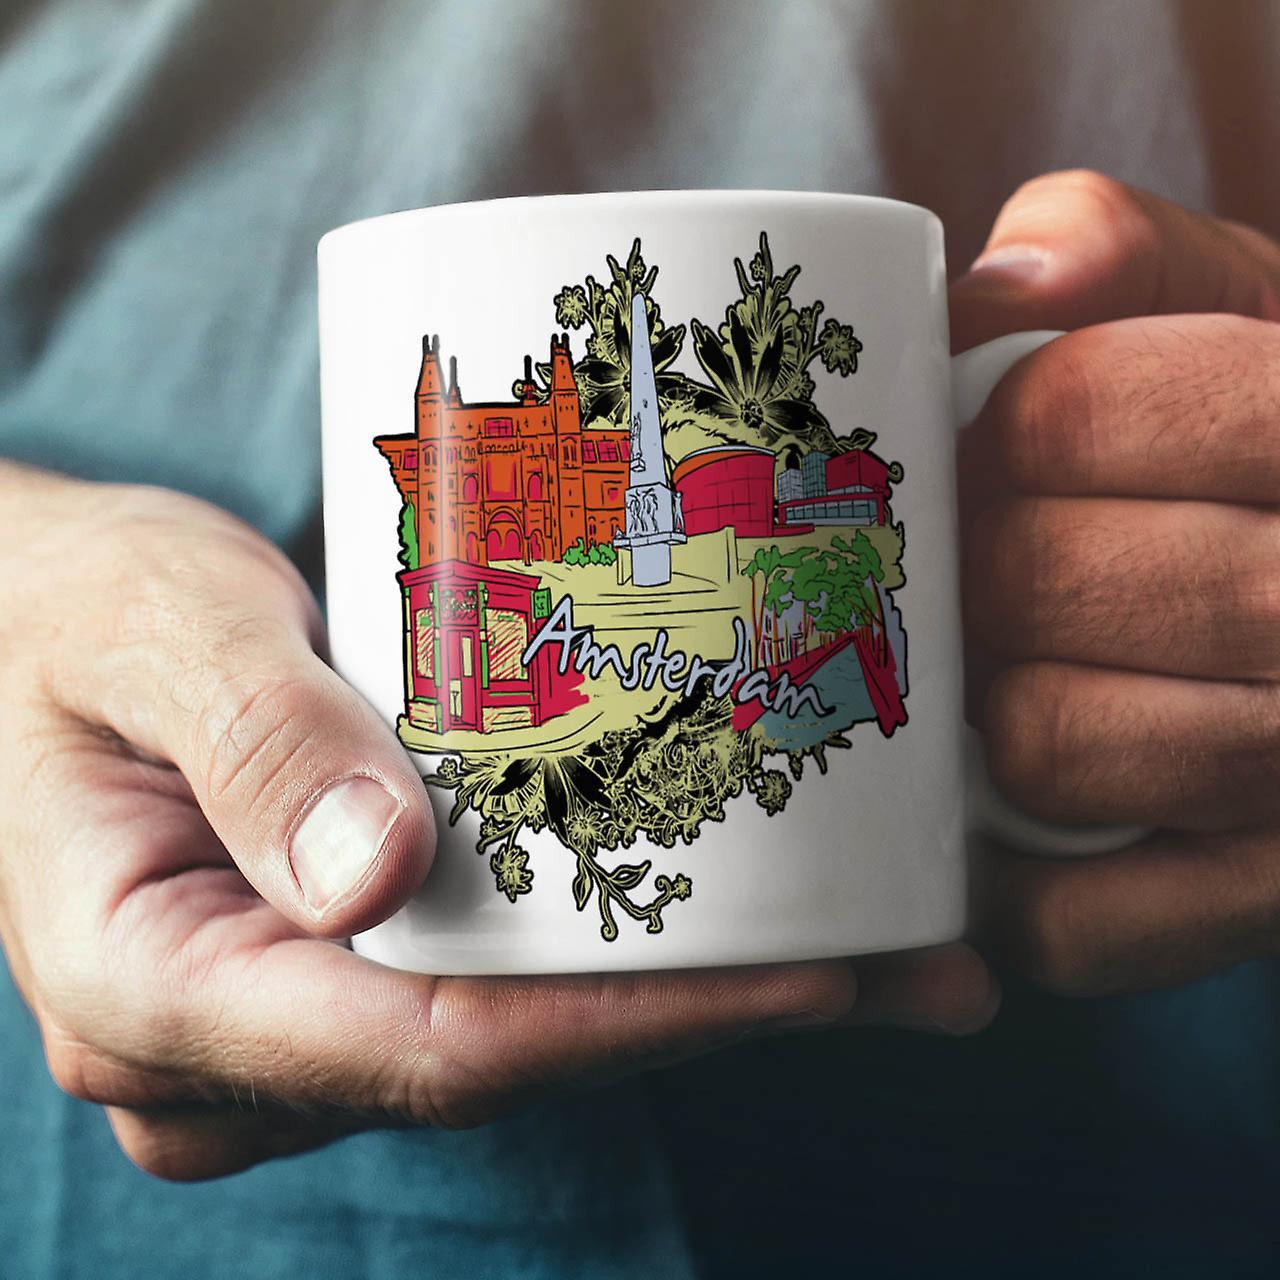 42 des mauvaises herbes nouveau thé blanc céramique café tasse 11 oz | Wellcoda